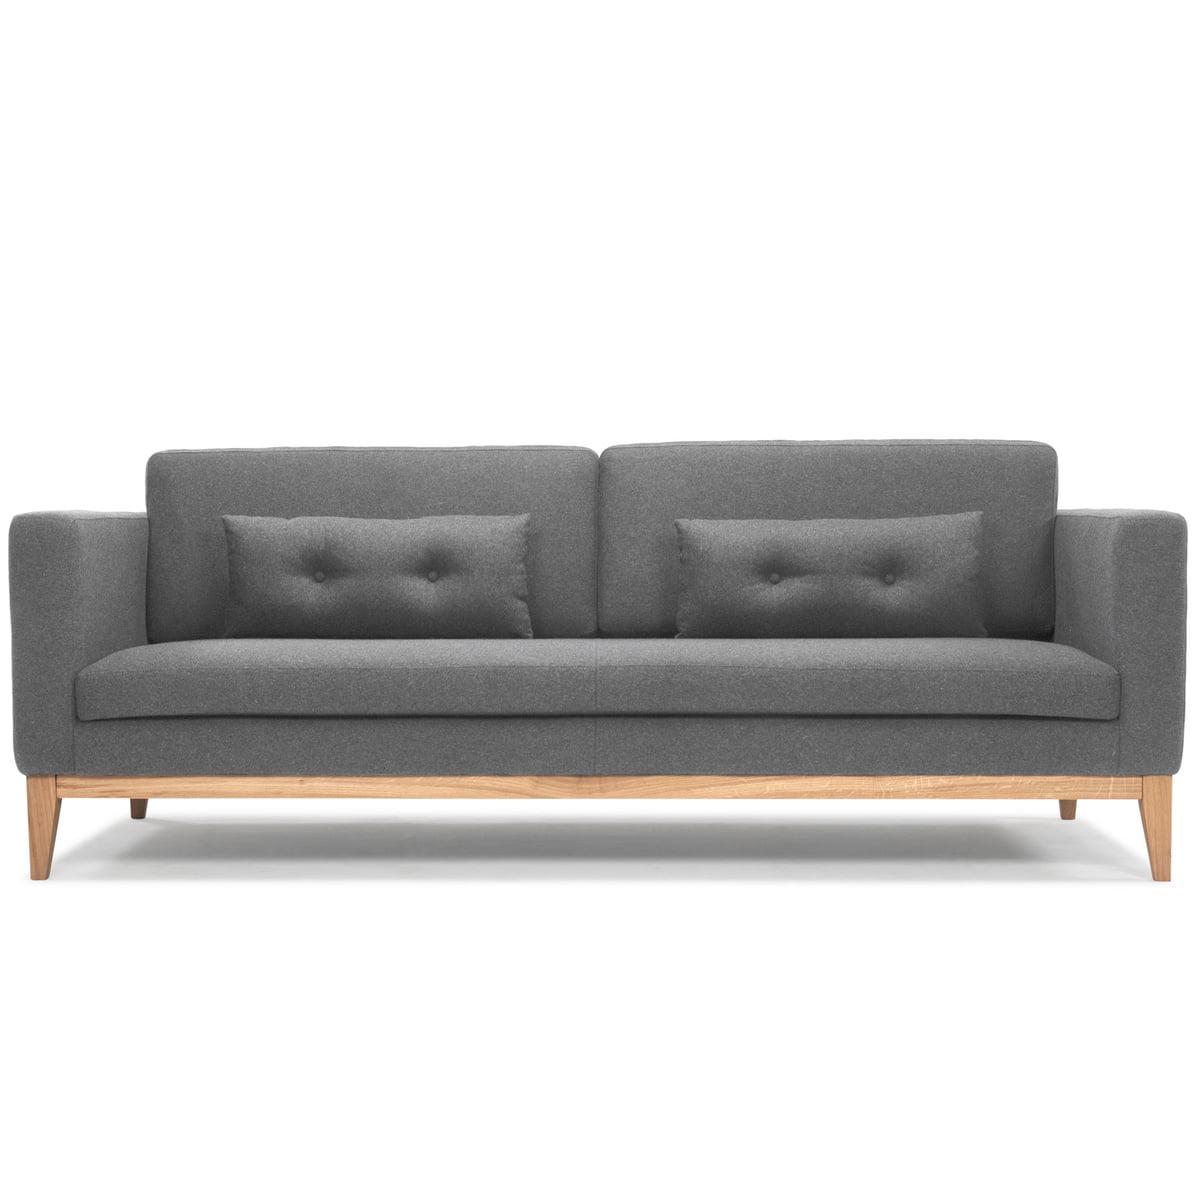 Day sofa von design house stockholm online kaufen for Sofa nordisch